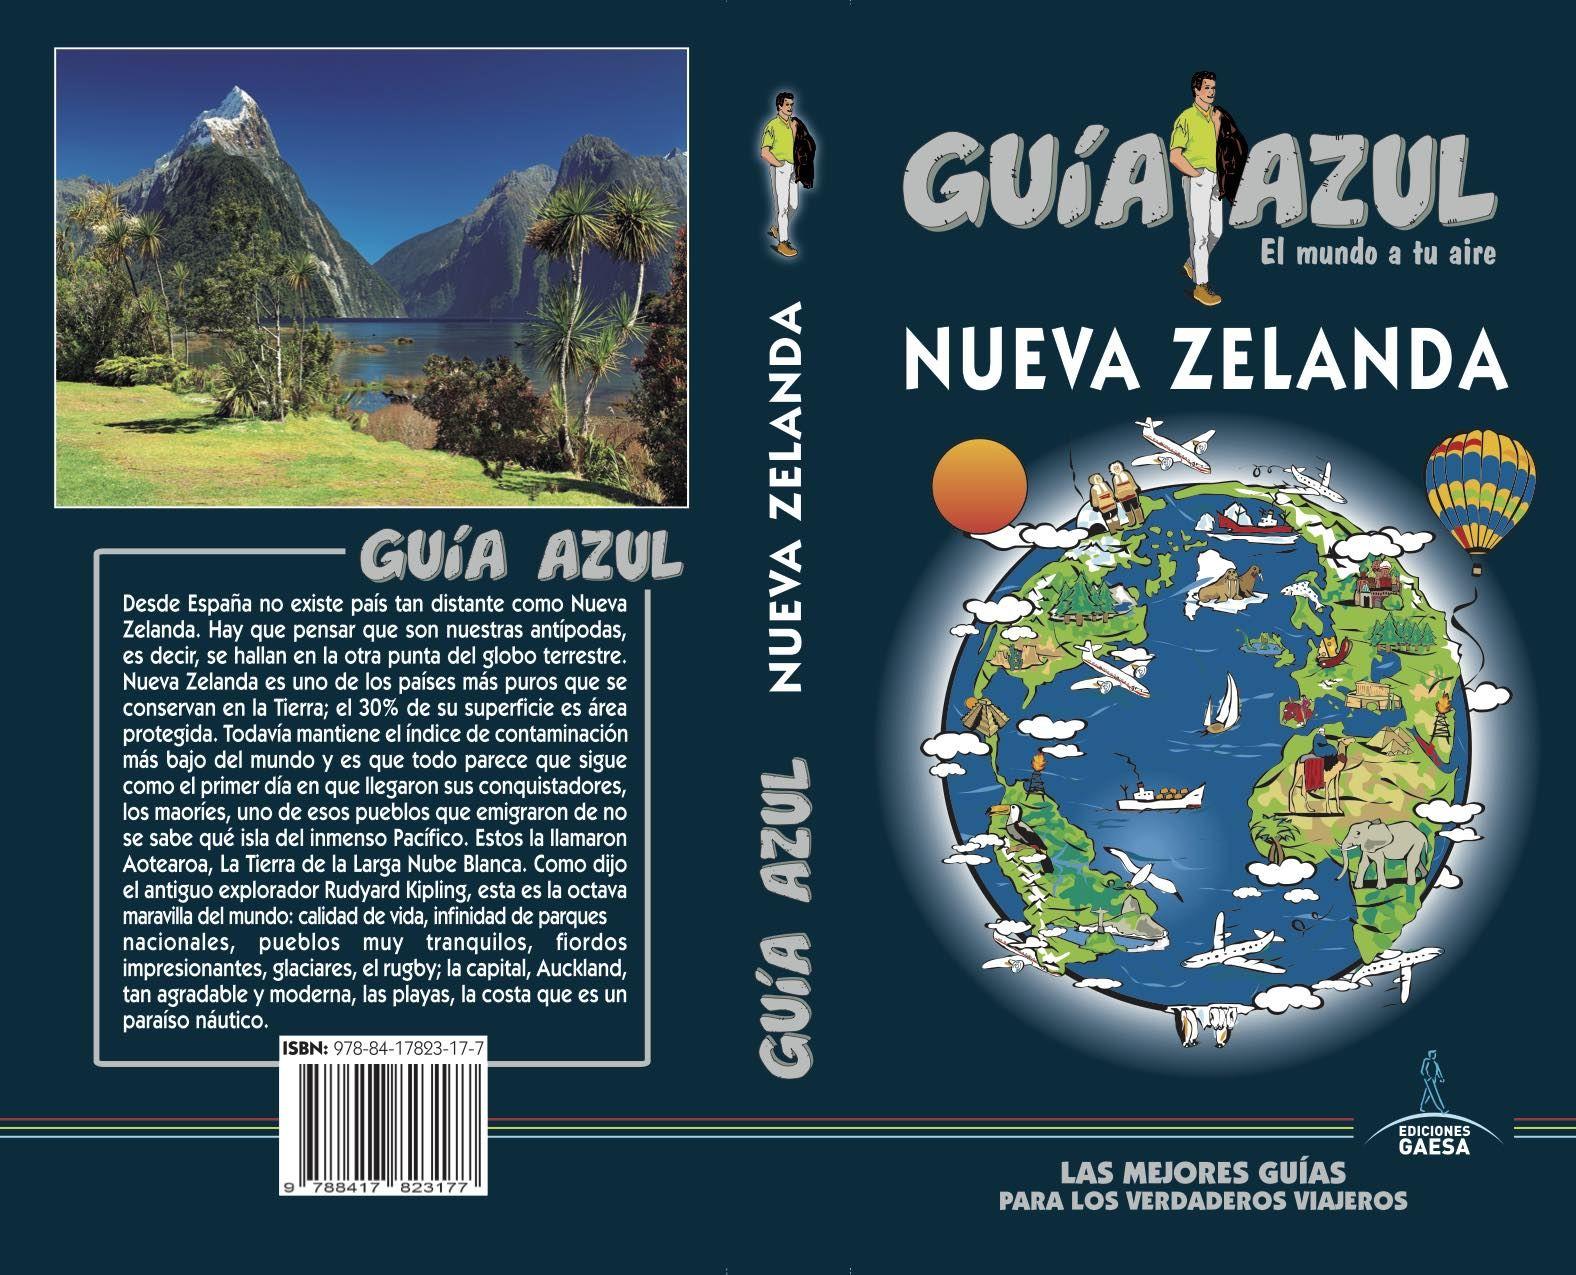 NUEVA ZELANDA GUIA AZUL